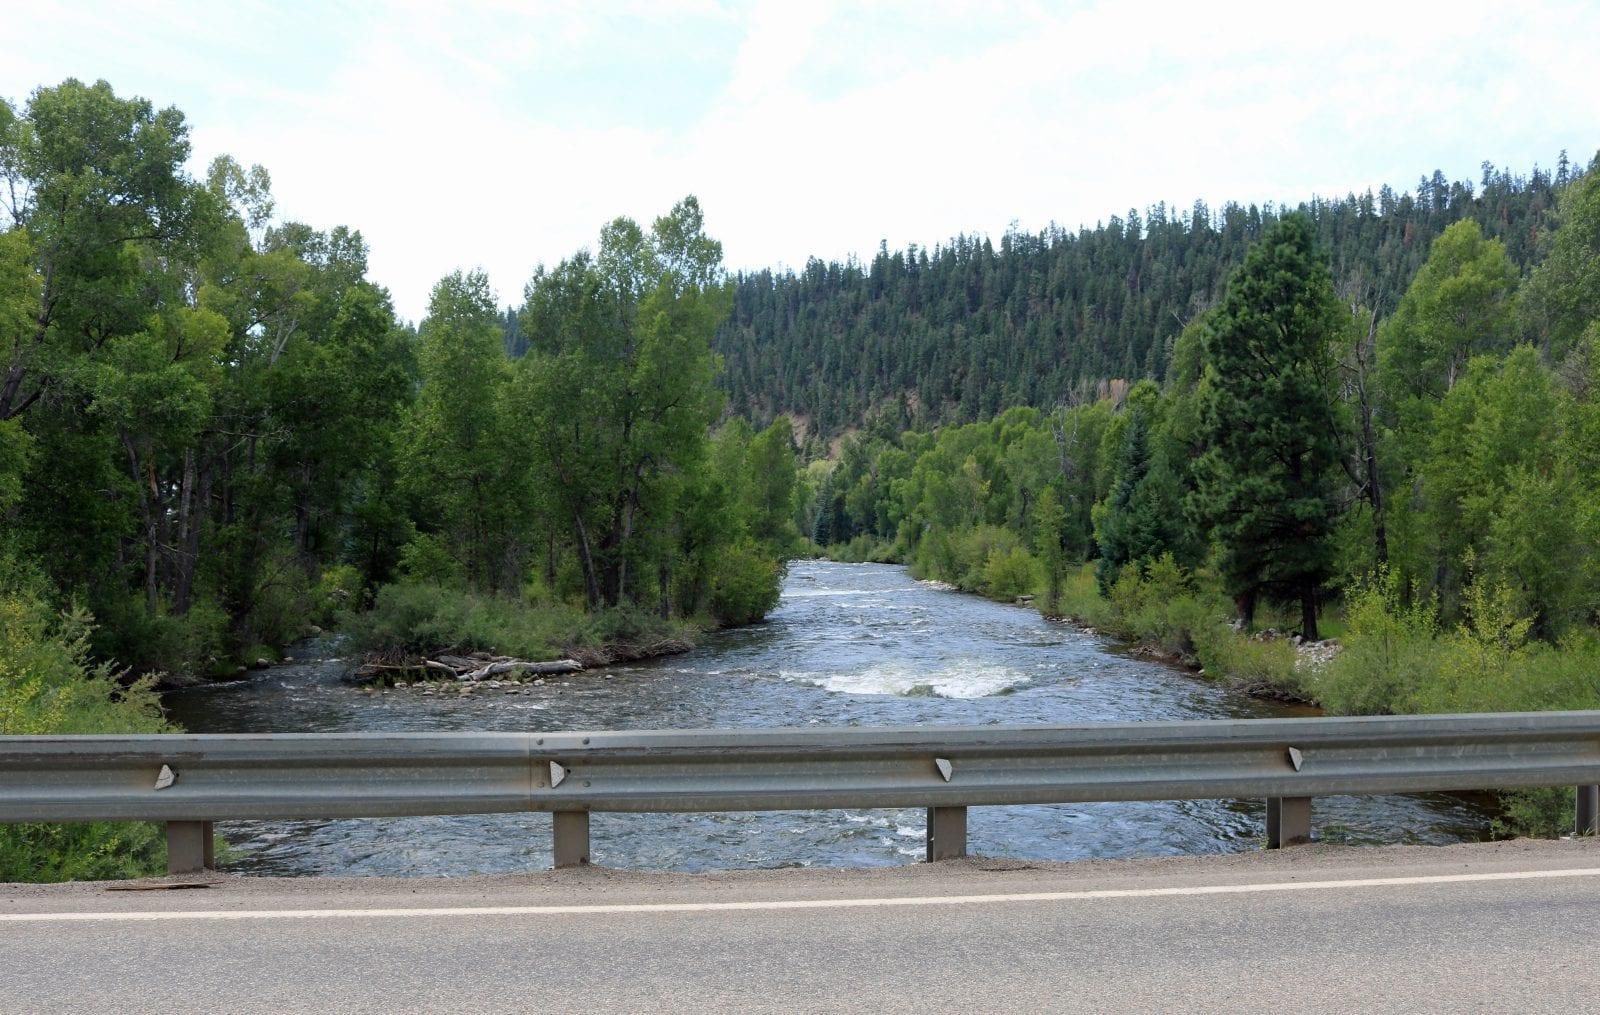 Image of the Los Pinos River in colorado